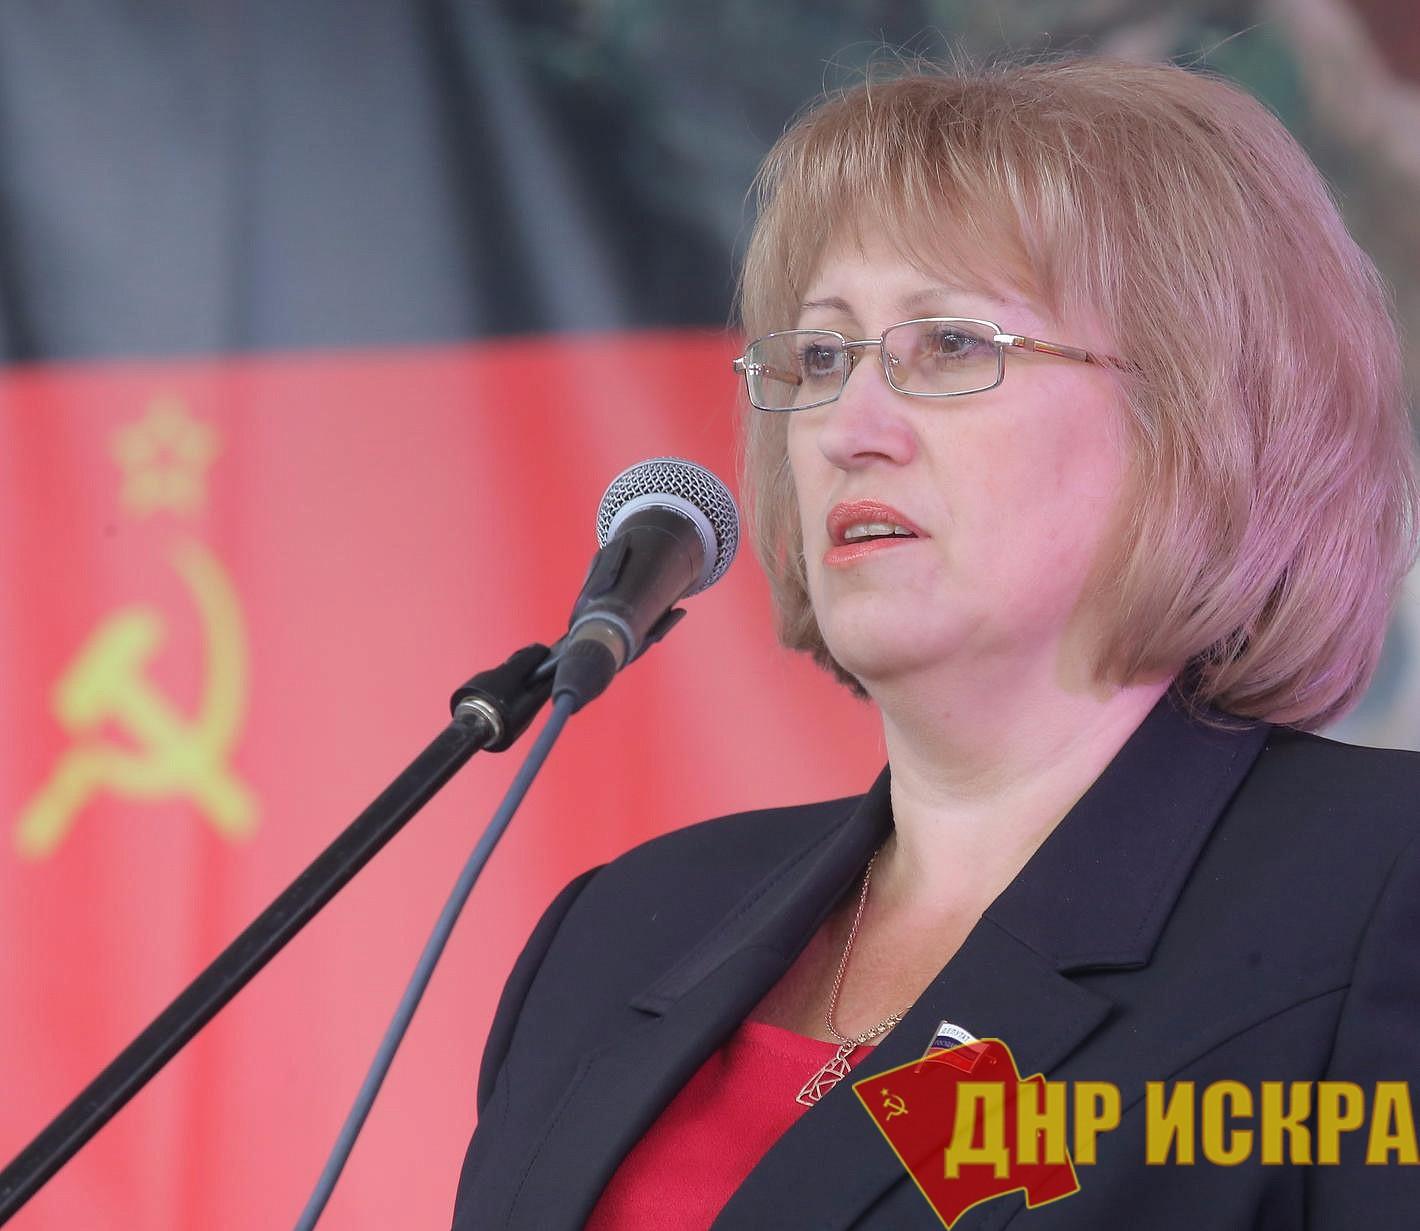 «Они боятся Компартии»: Депутат Госдумы В.А. Ганзя раскритиковала отмену прямых выборов в Новосибирской области